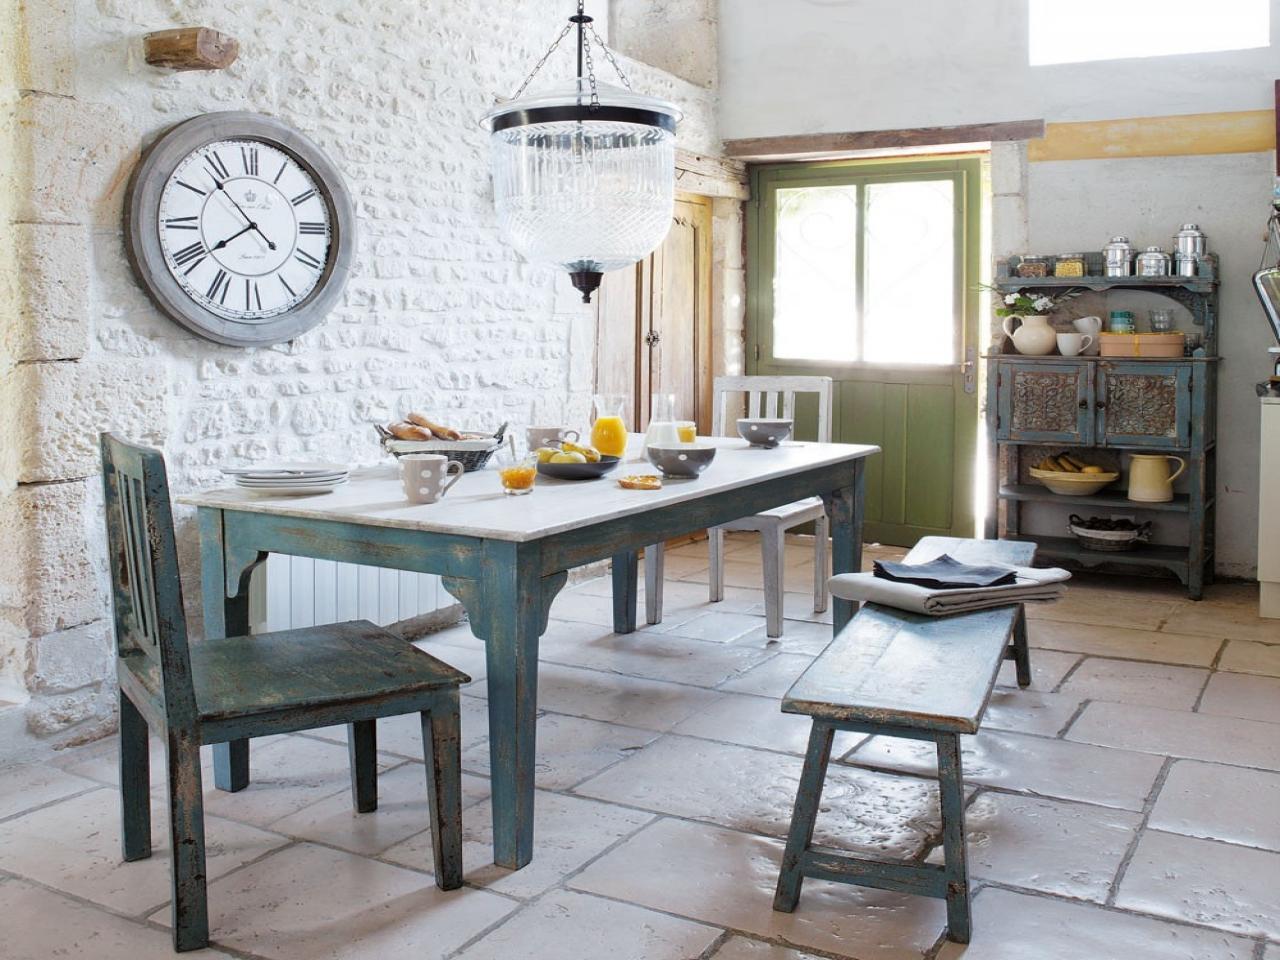 Tavolo da cucina maison du mond arredamento provenzale - Tavolo maison du monde usato ...